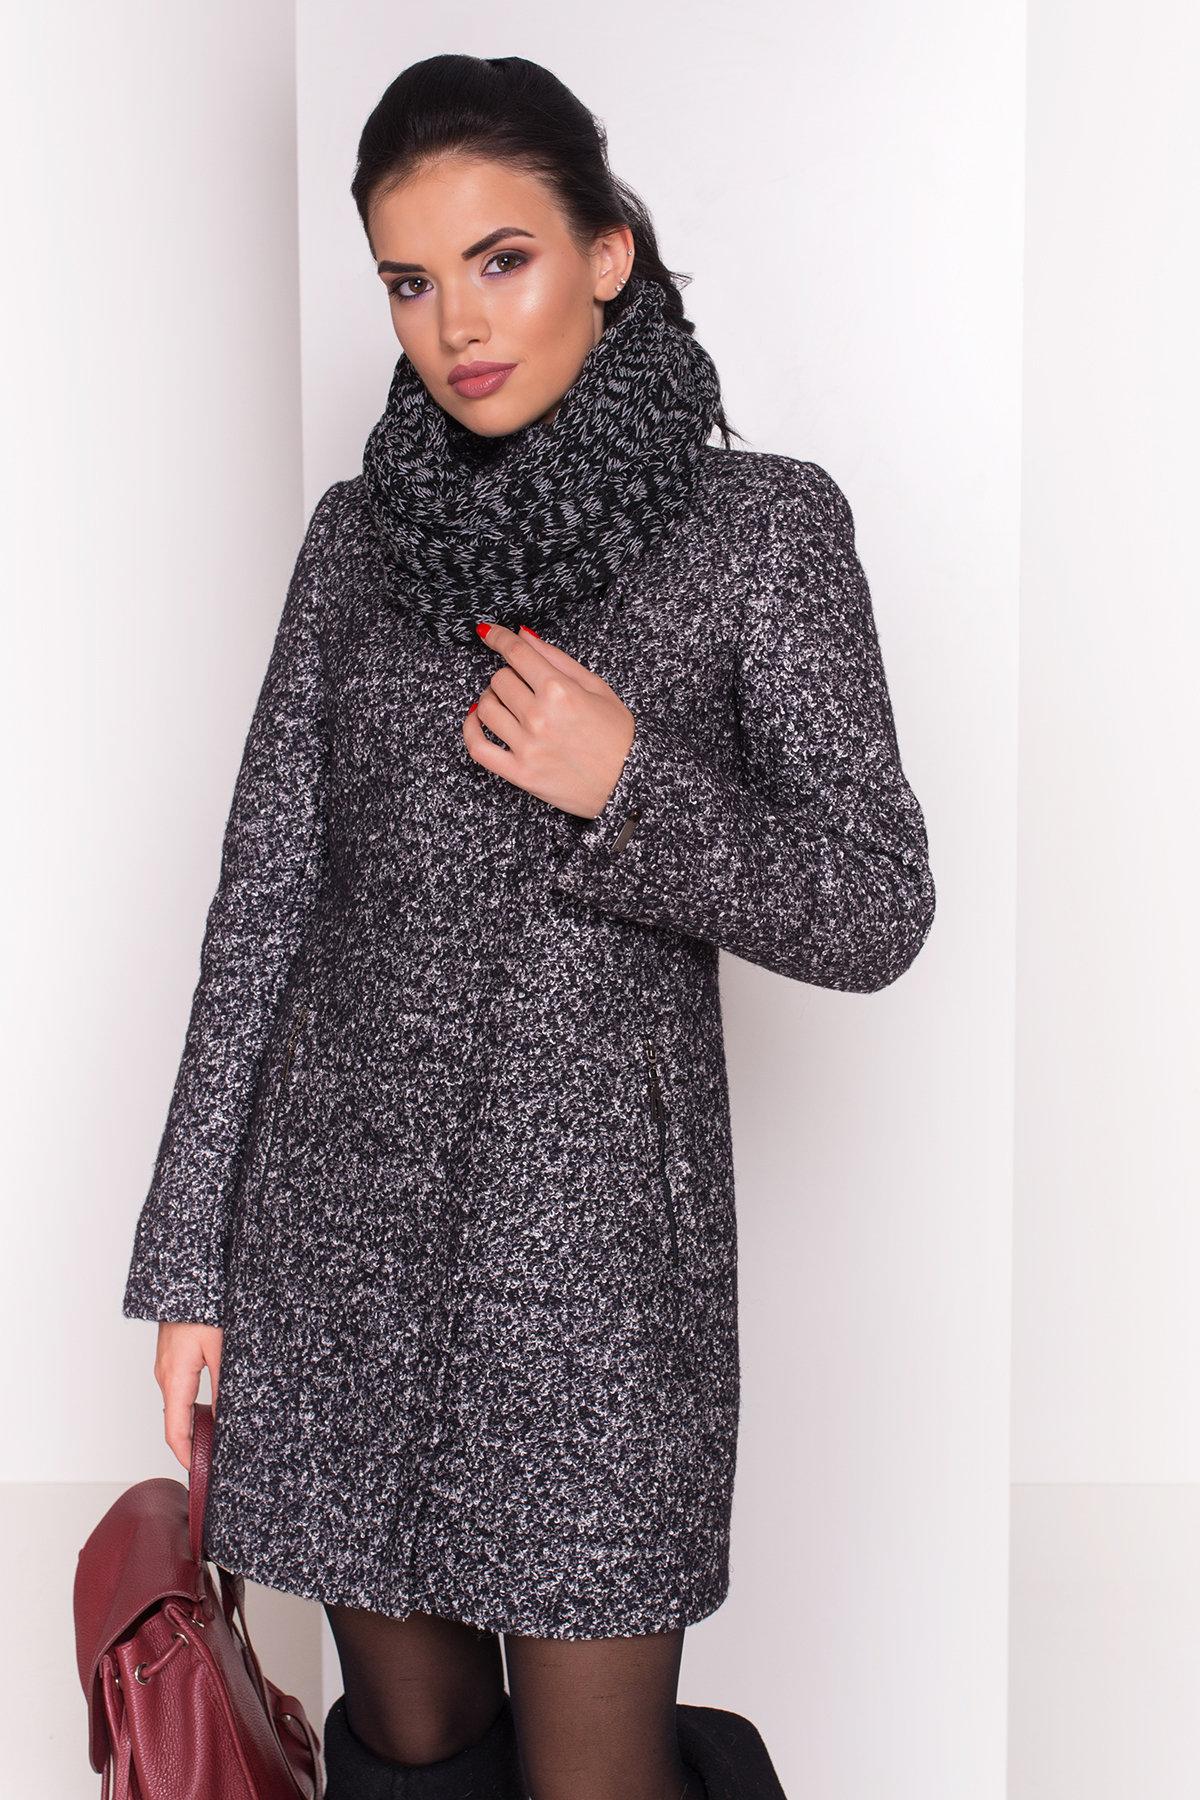 Пальто зима Эльпассо 3681 АРТ. 19191 Цвет: Черный/серый - фото 4, интернет магазин tm-modus.ru